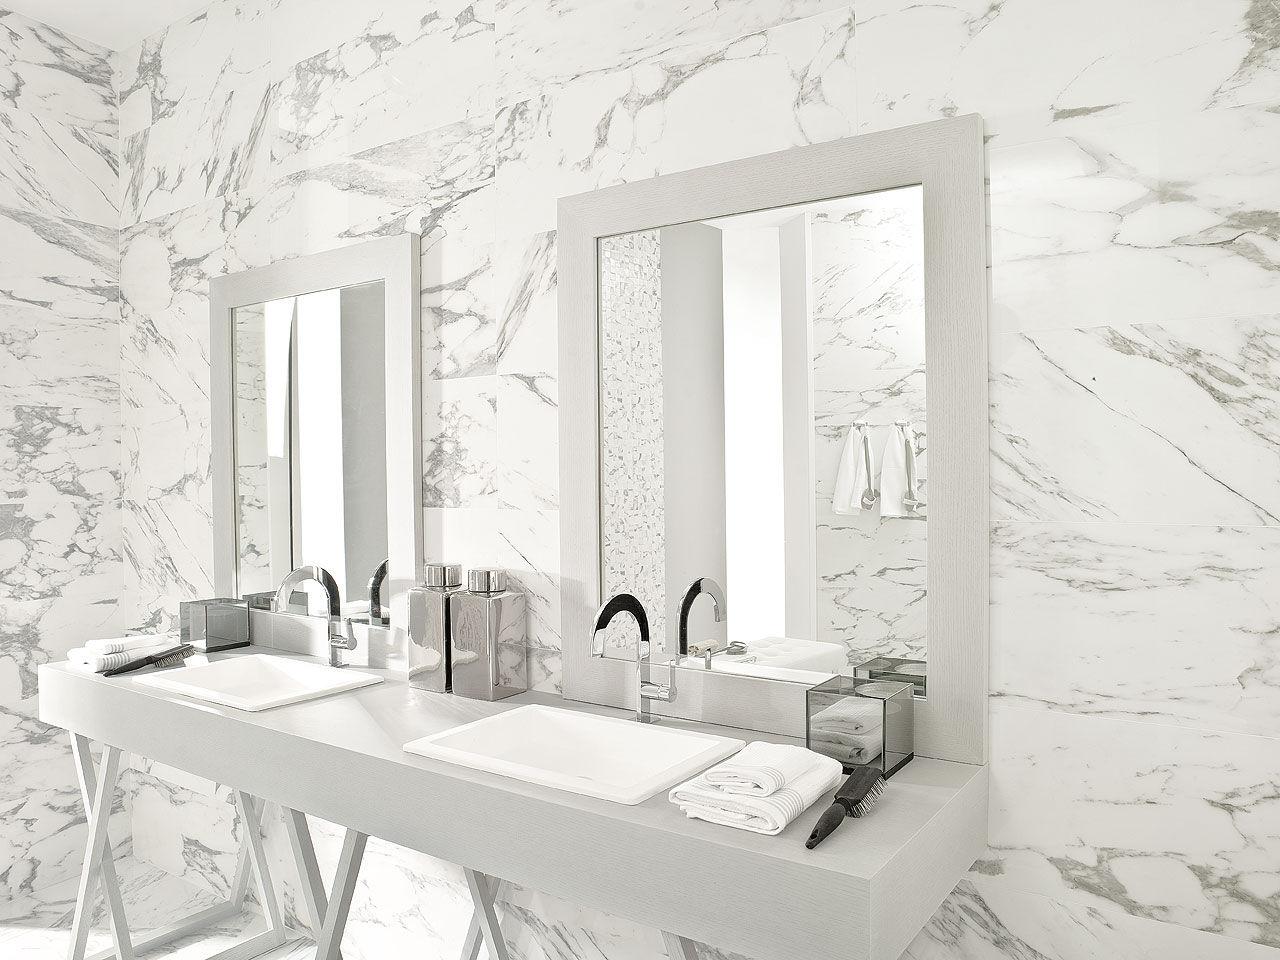 Une salle de bain tout en marbre so chic for Carrelage marbre salle de bain